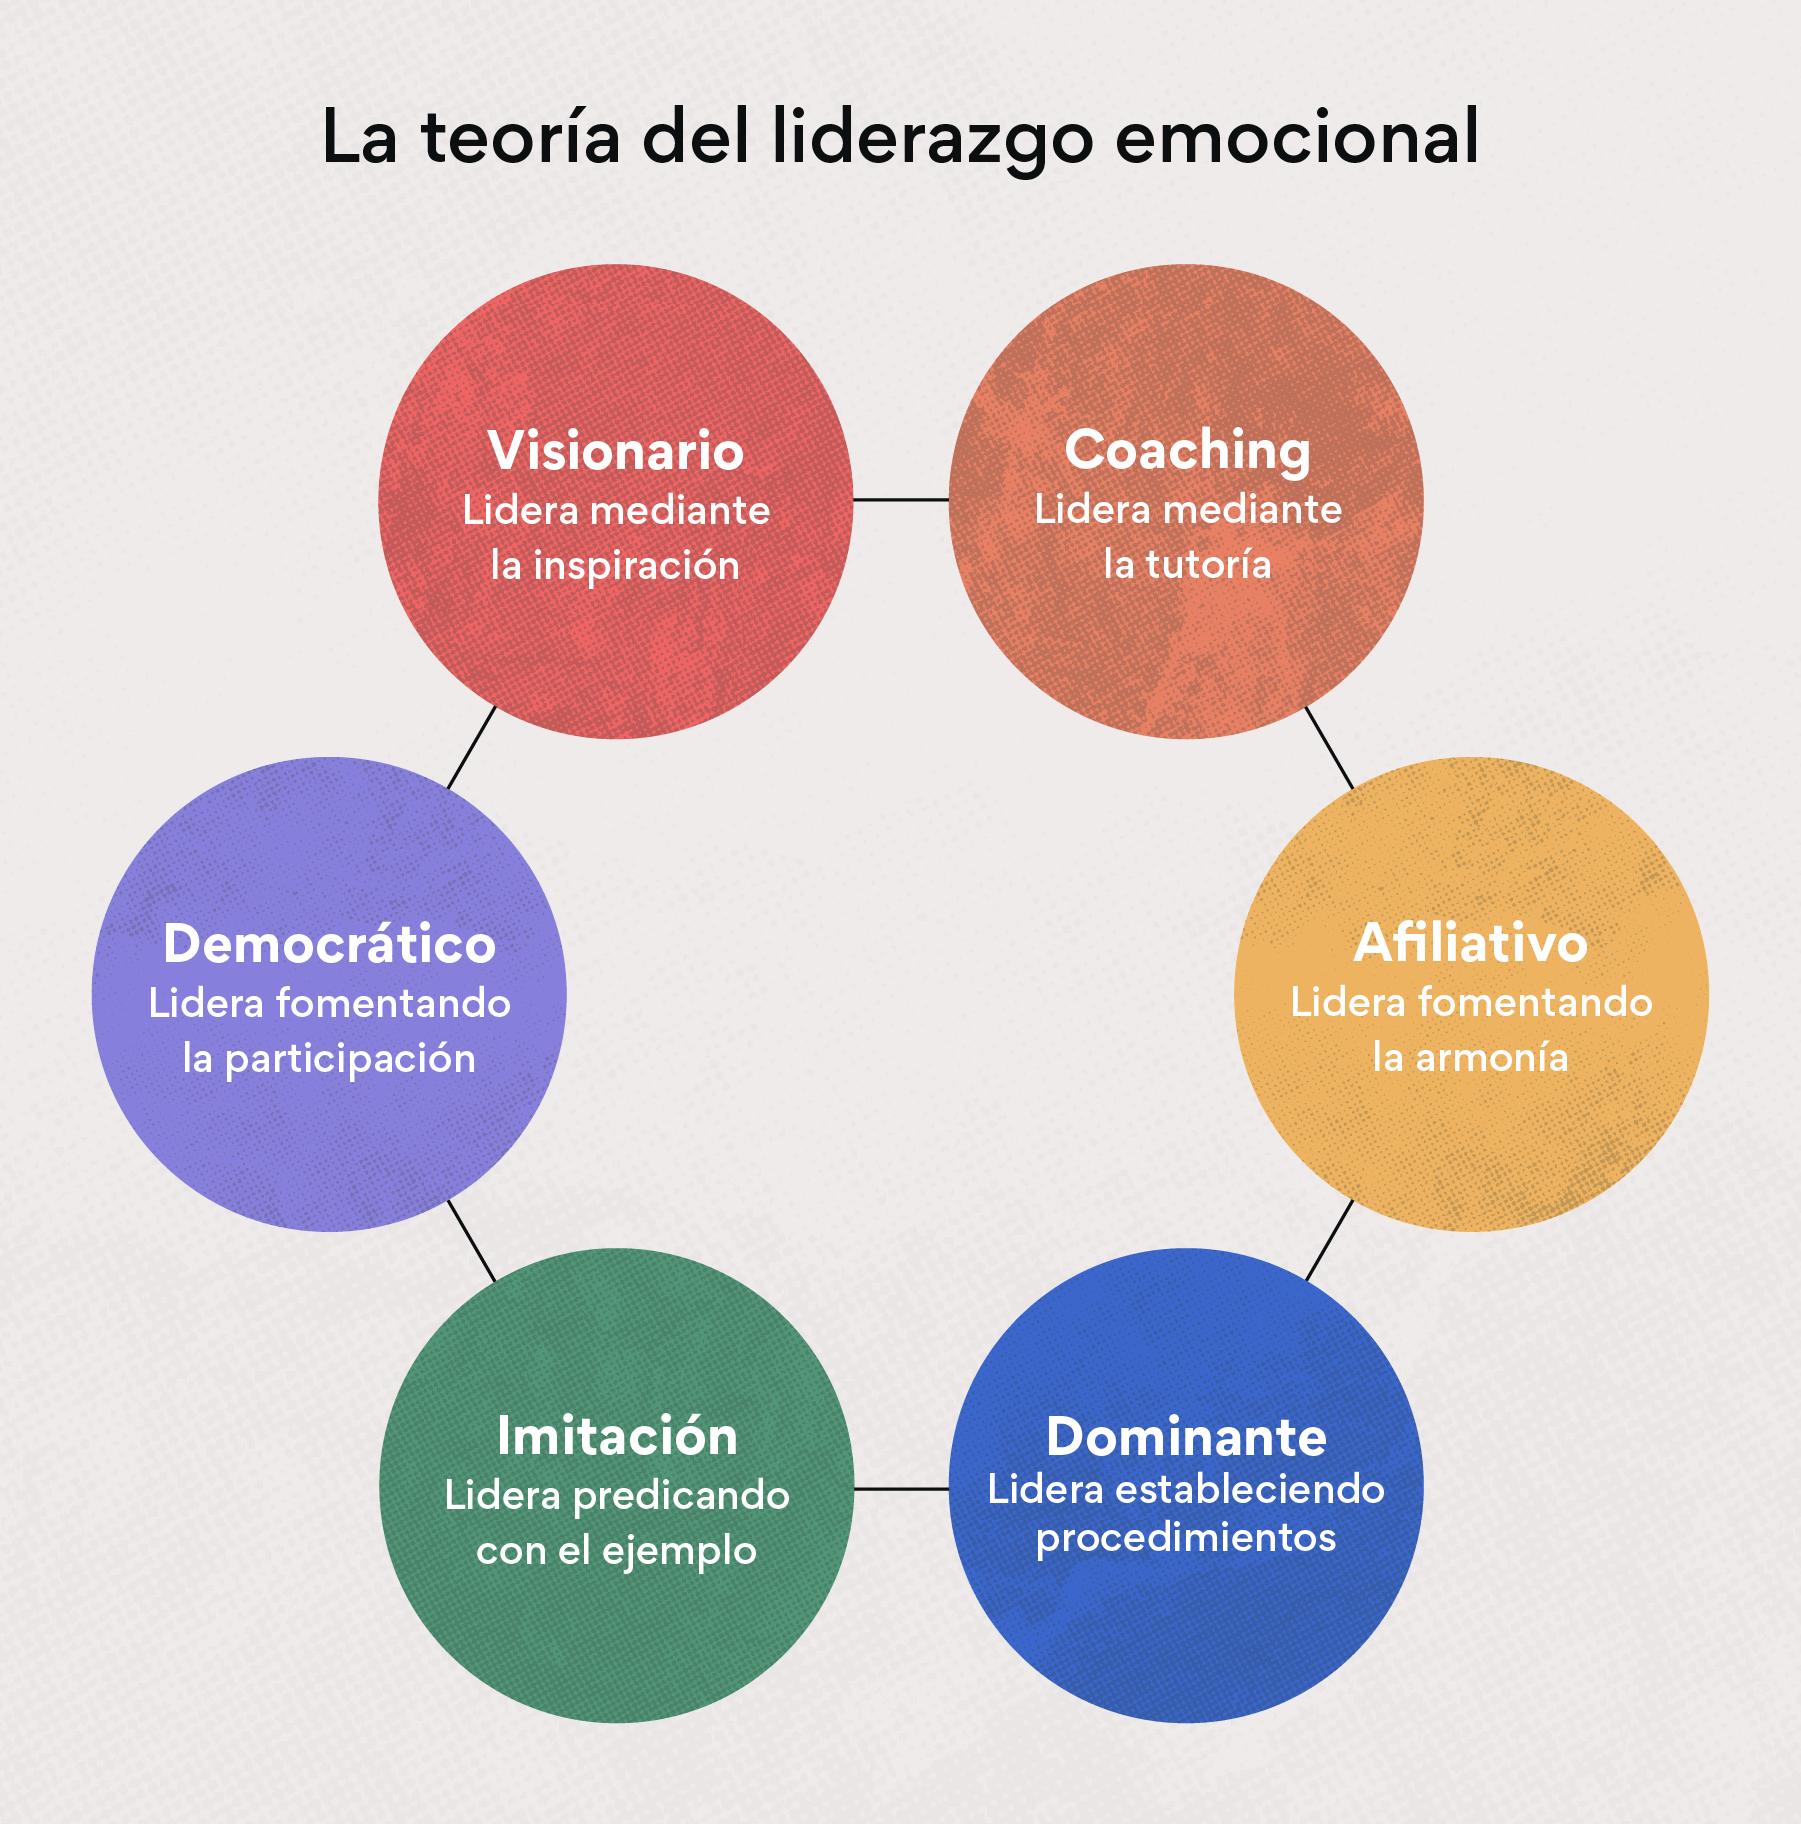 La teoría del liderazgo emocional